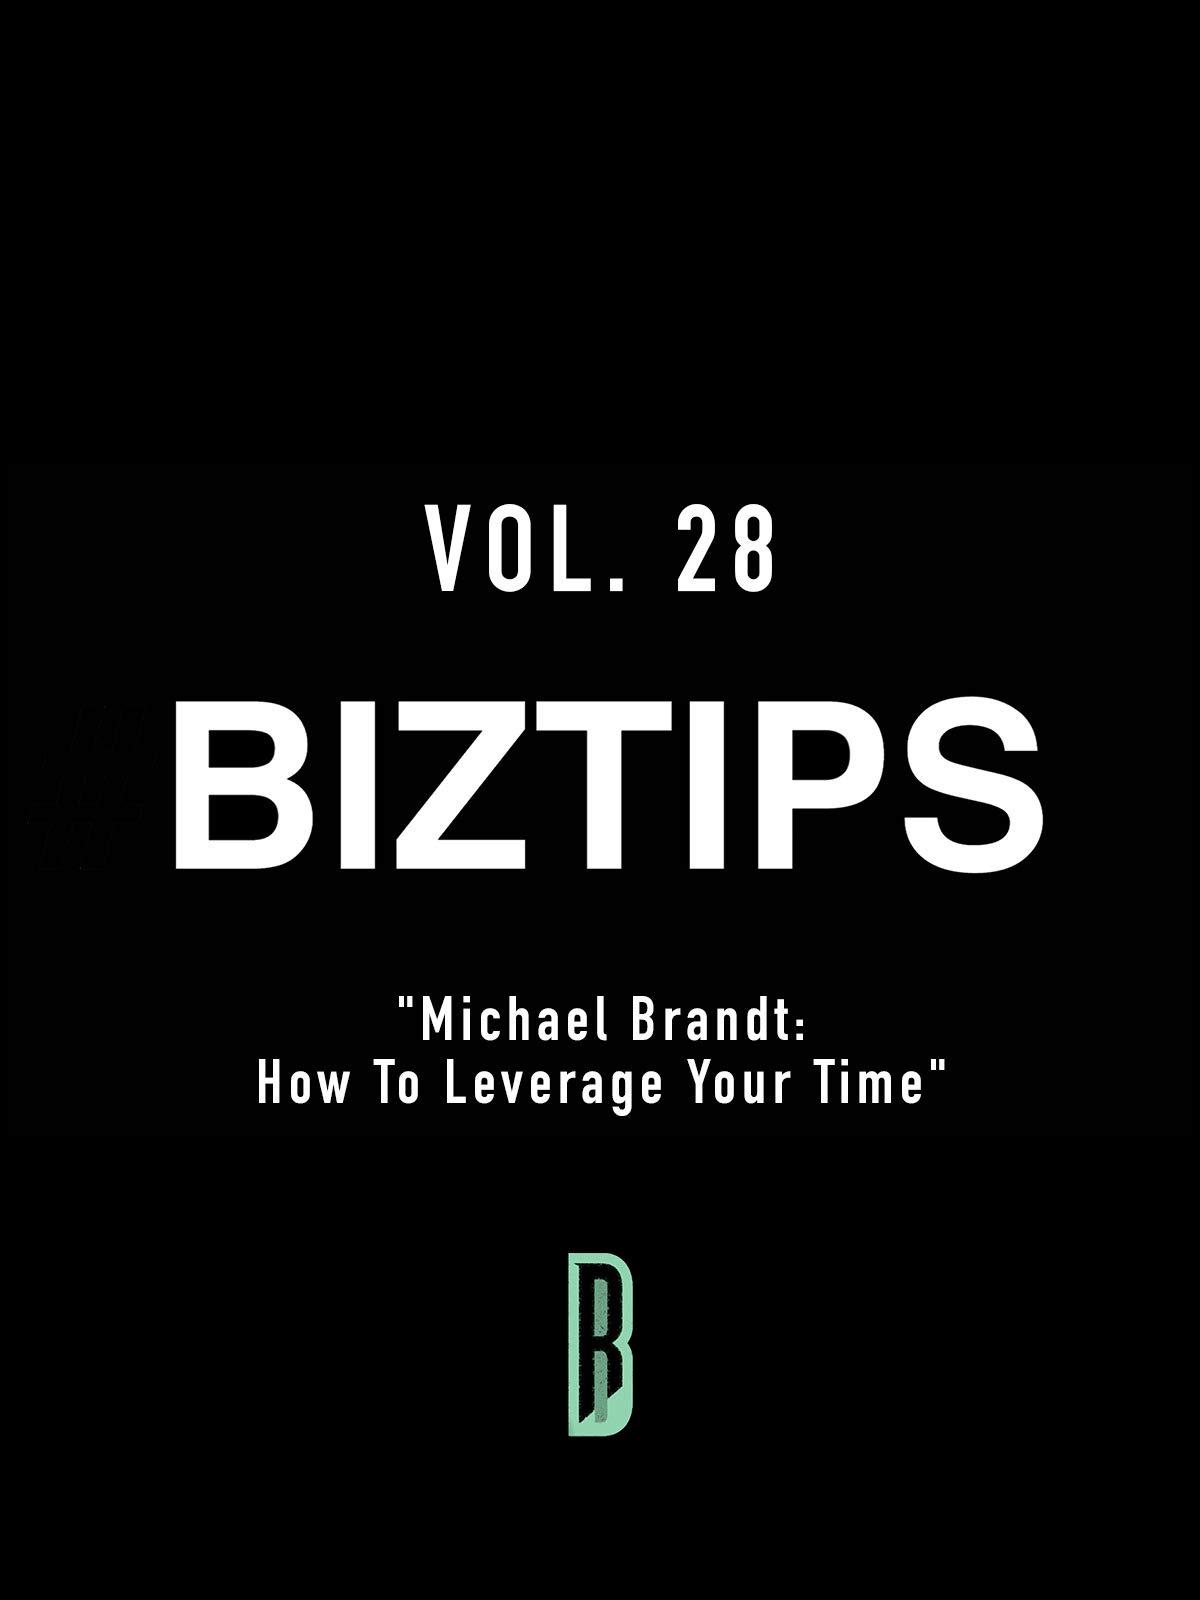 BizTips Vol. 28